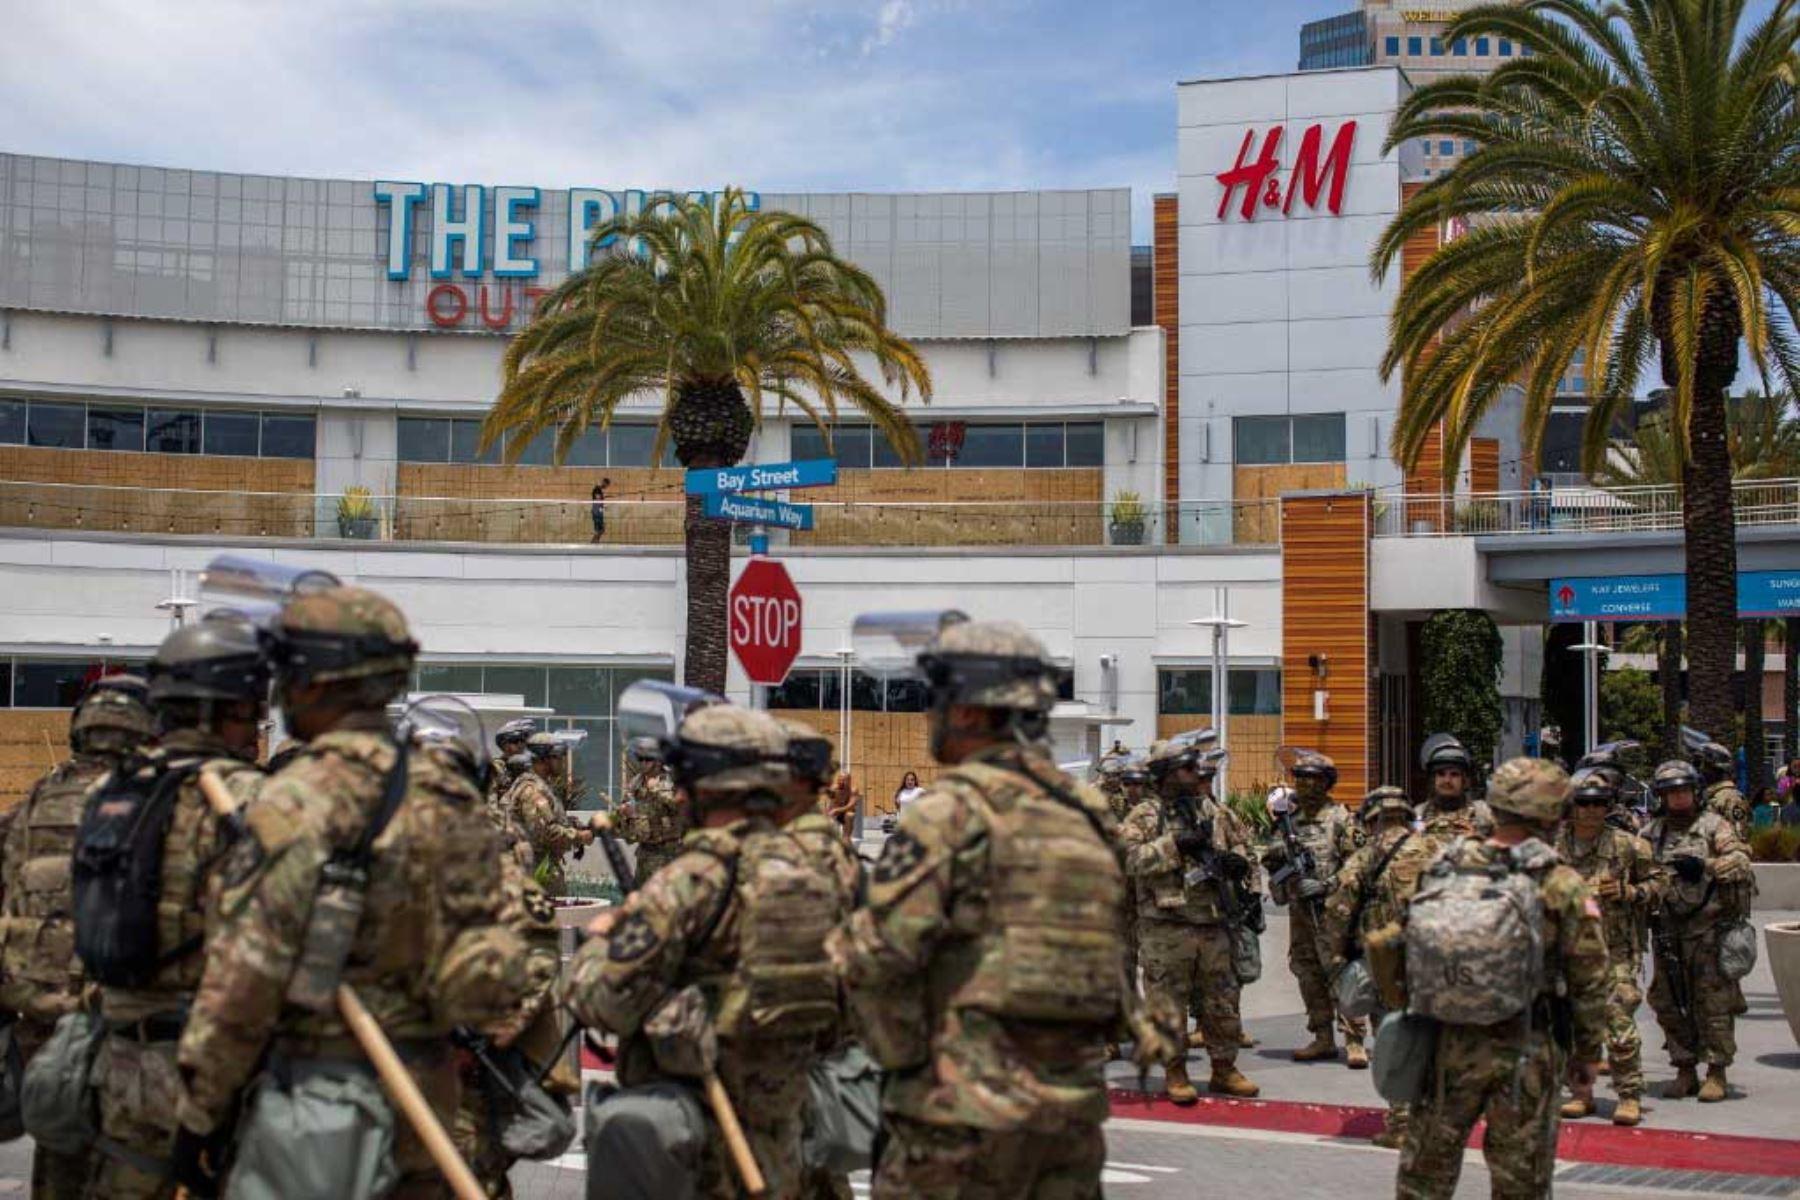 Los guardias nacionales de EE. UU. son vistos frente a un centro comercial en el centro de Long Beach, California, después de una noche de protestas y saqueos en las principales ciudades de Estados Unidos. Foto: AFP